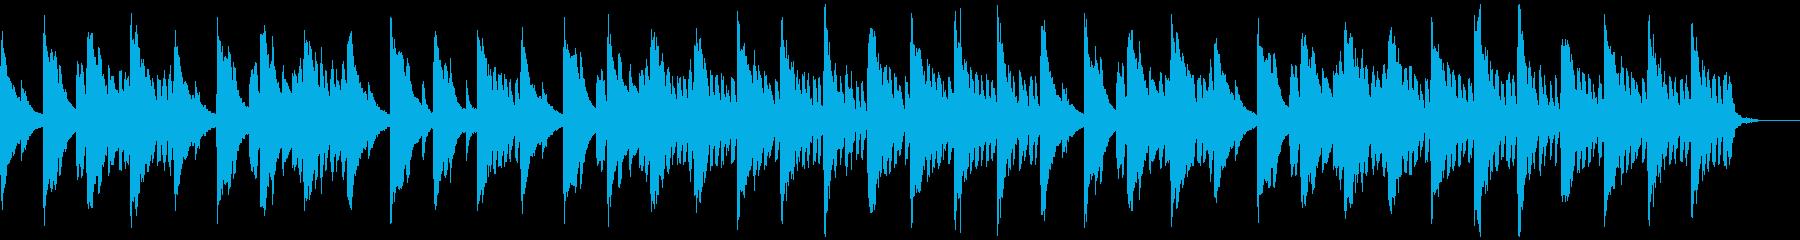 メロディとコードのシンプルなピアノ1の再生済みの波形